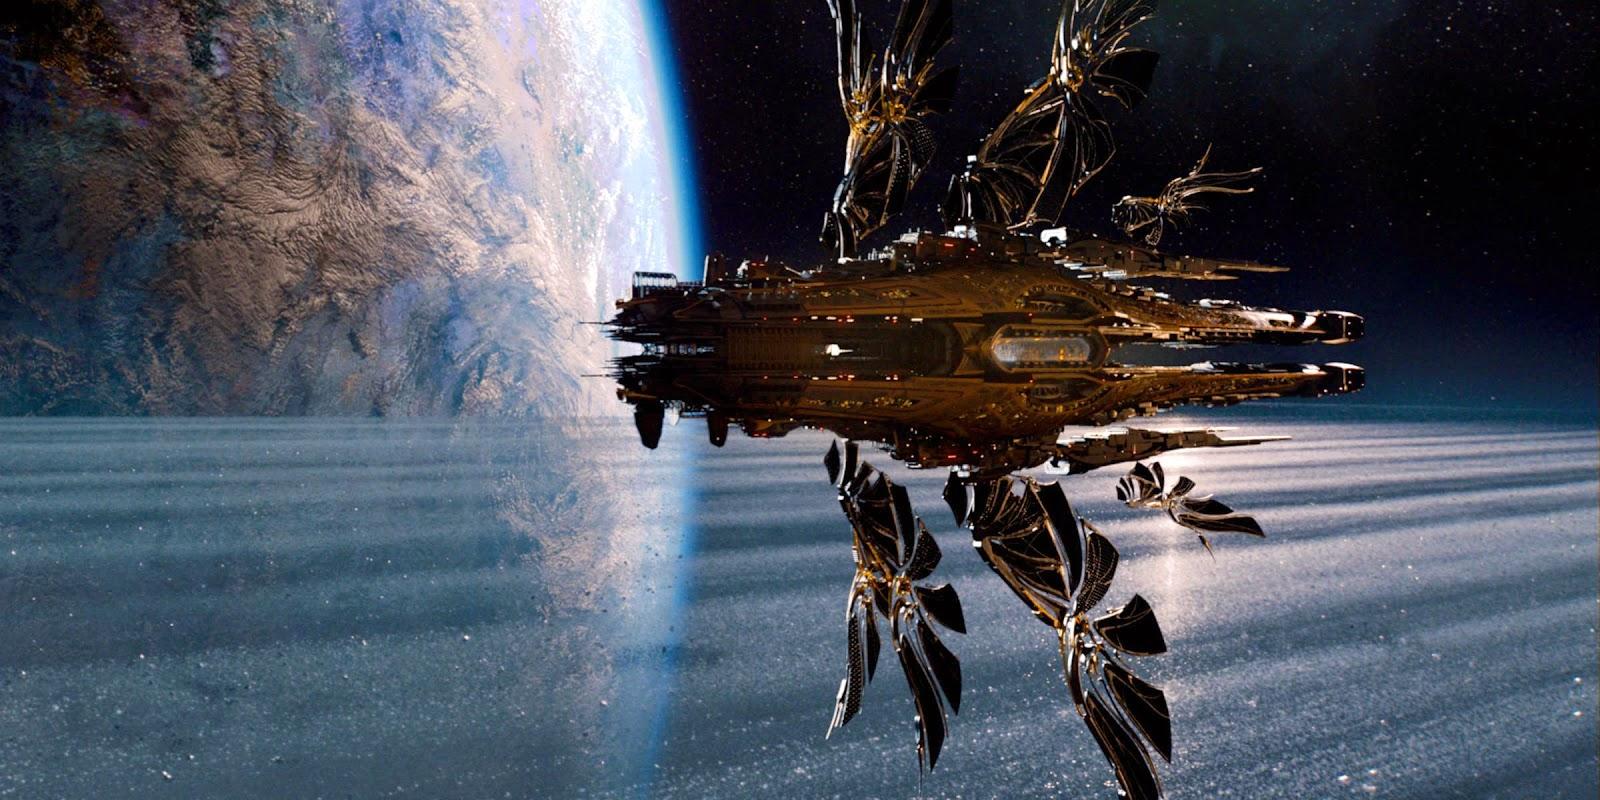 Spaceship approaching Jupiter in Jupiter Ascending (2015)